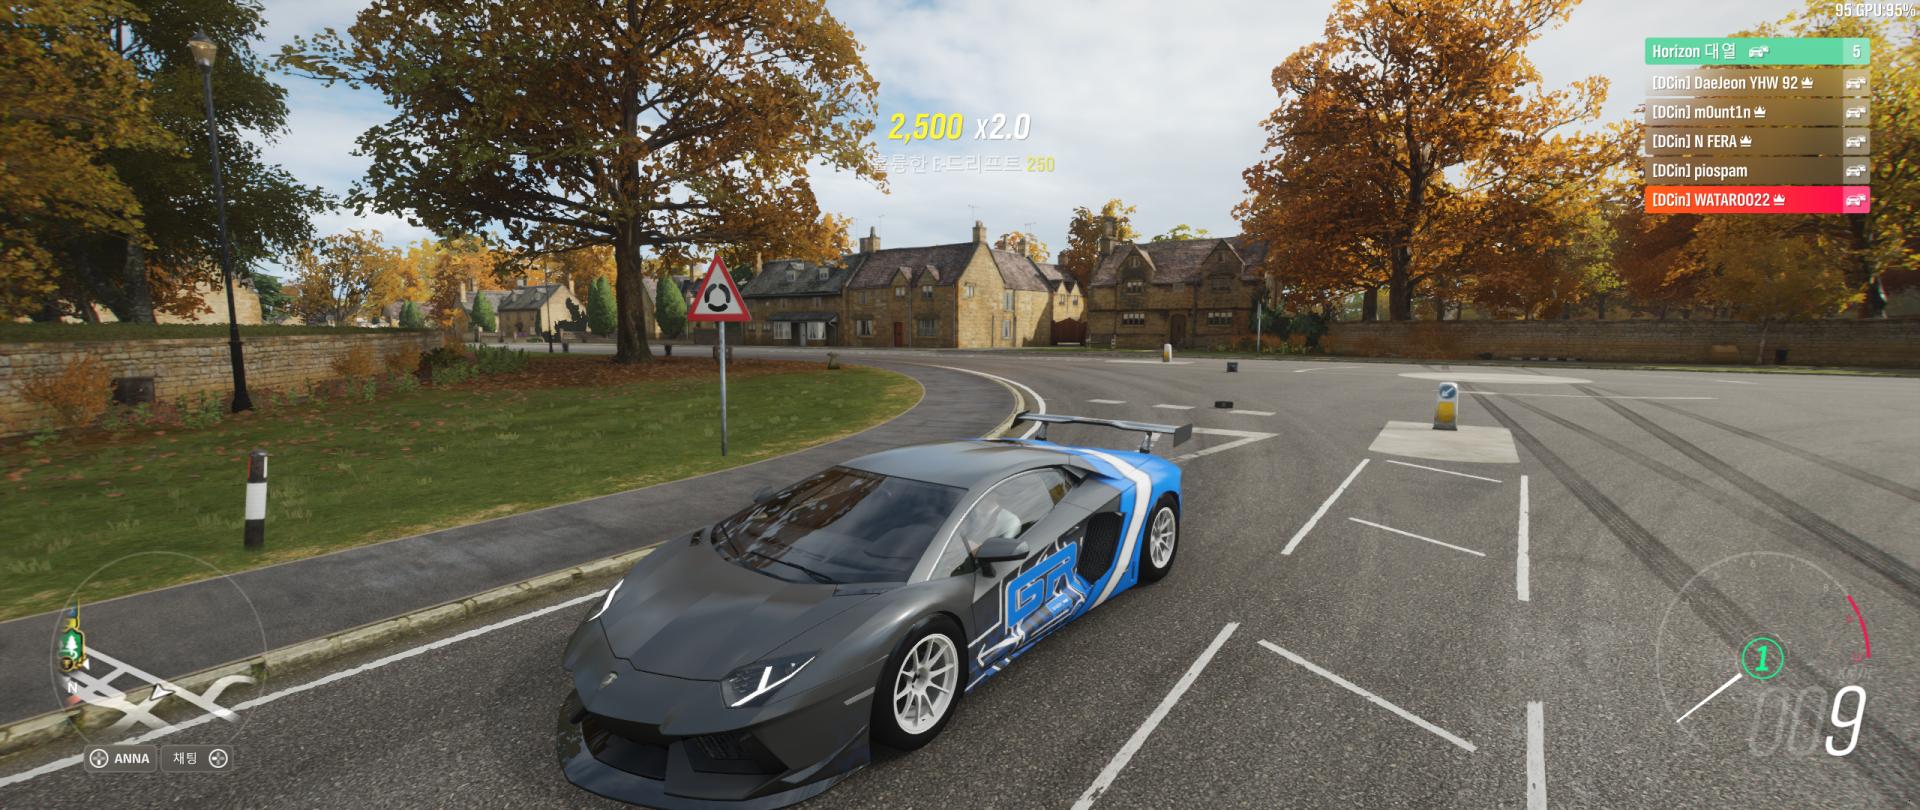 Forza Horizon 4 Screenshot 2018.10.06 - 23.54.05.32.png